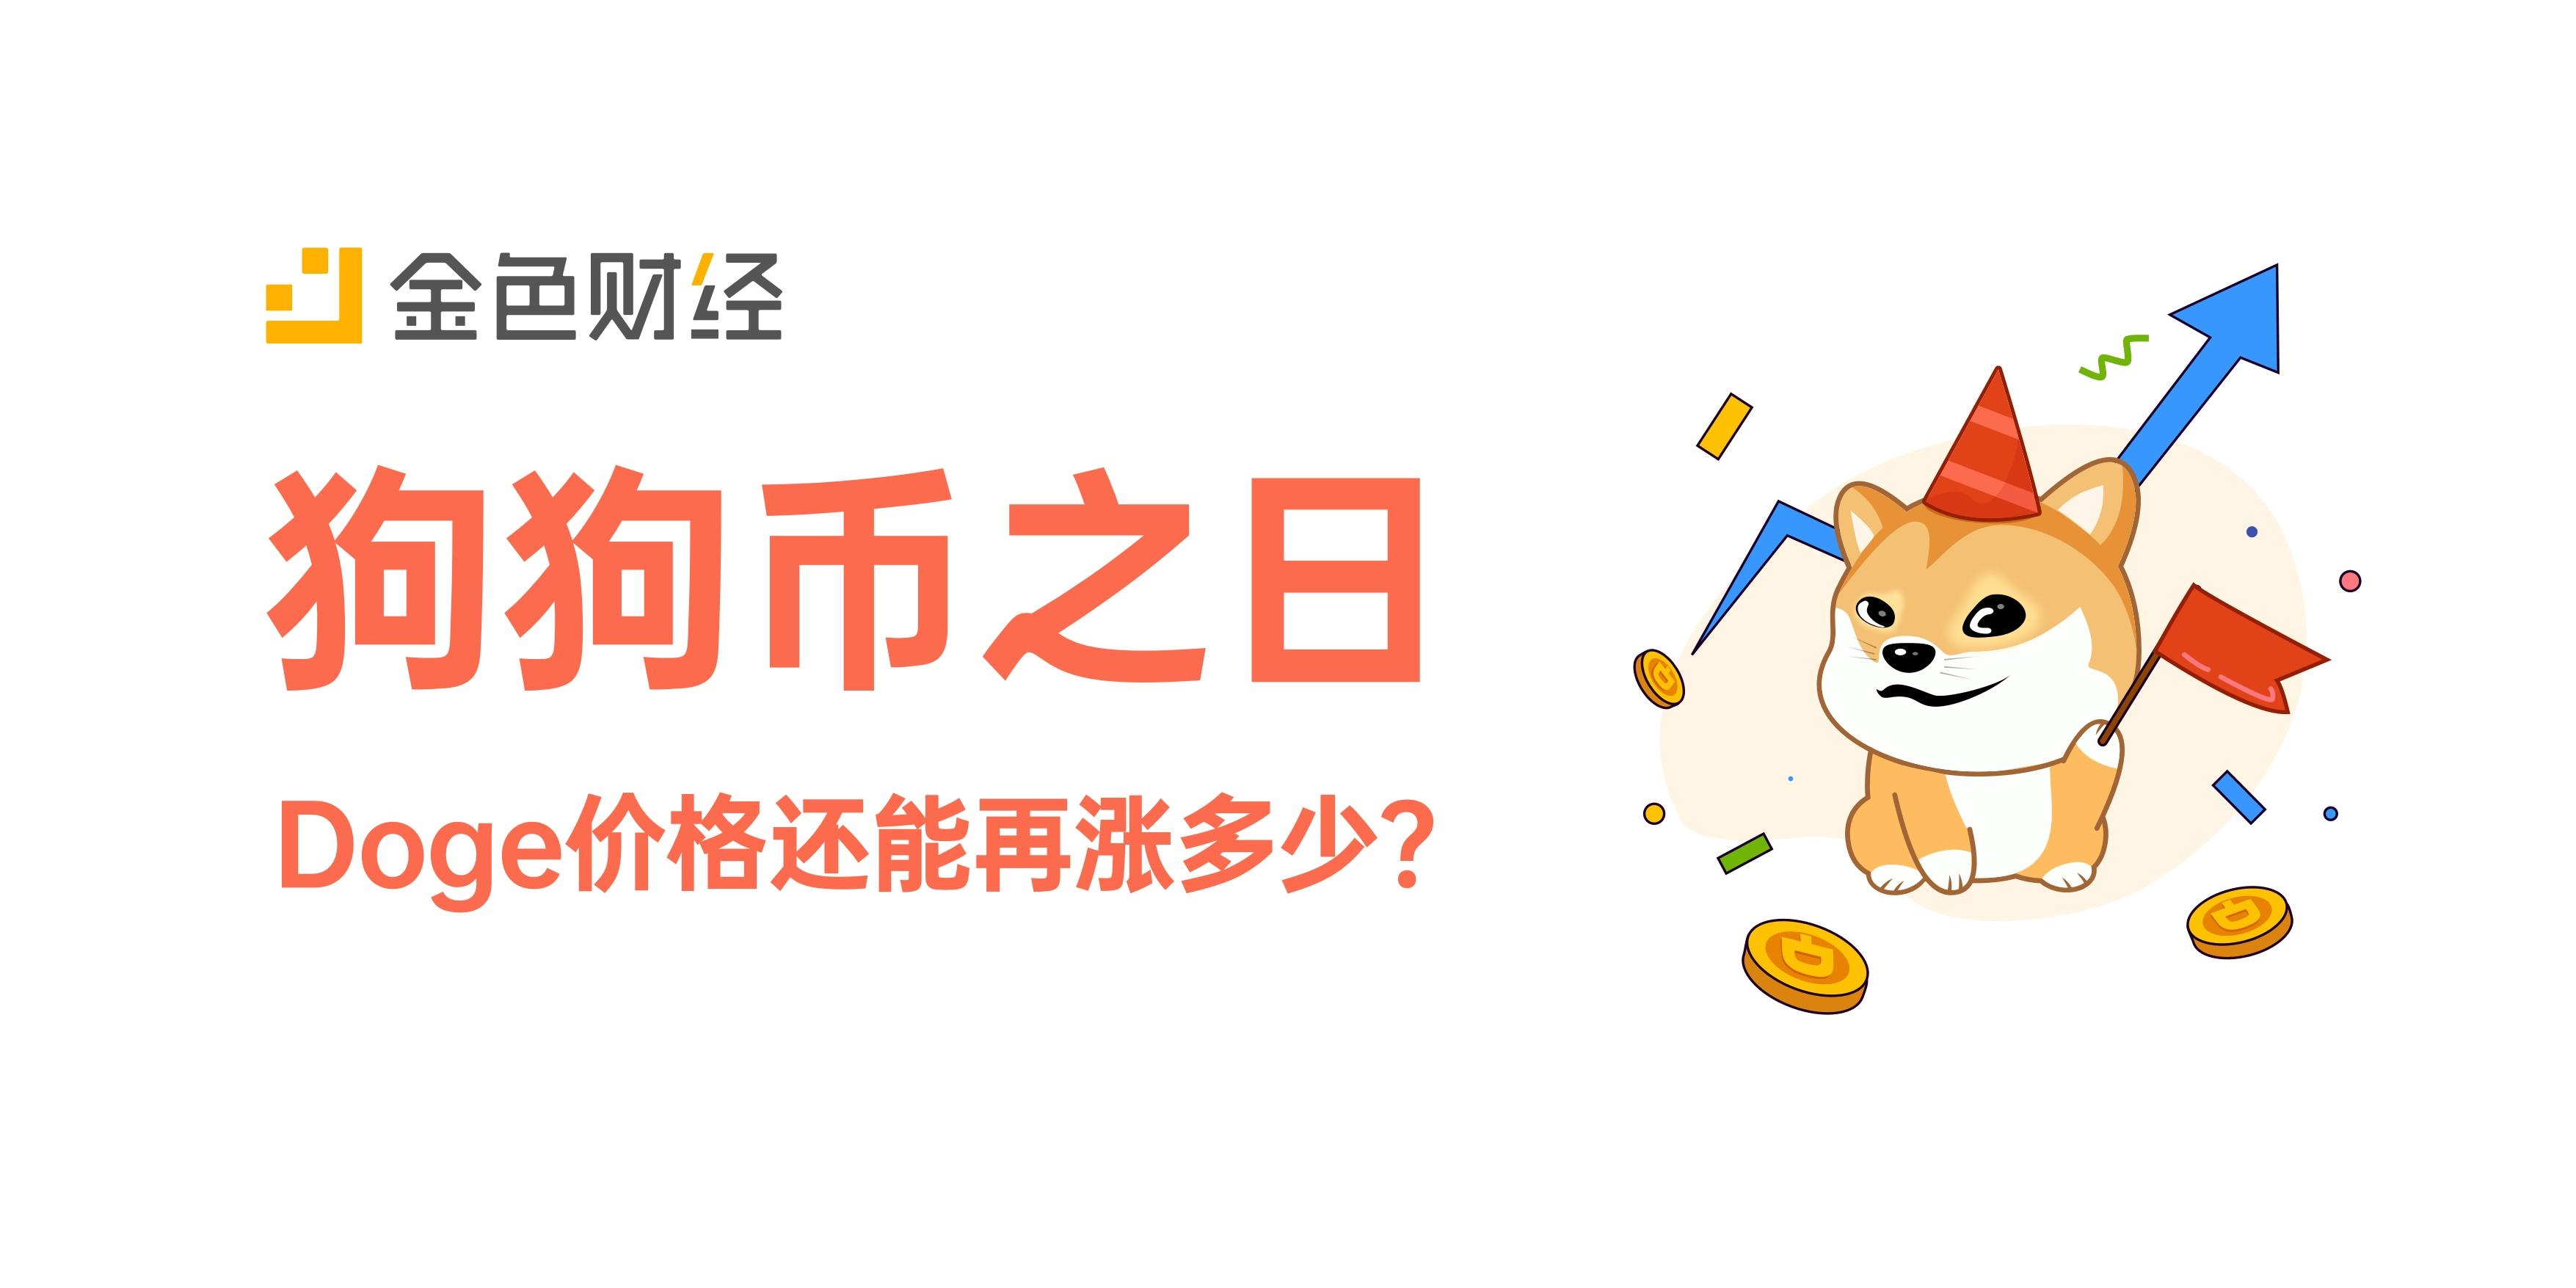 狗狗币之日 Doge价格还能再涨多少?